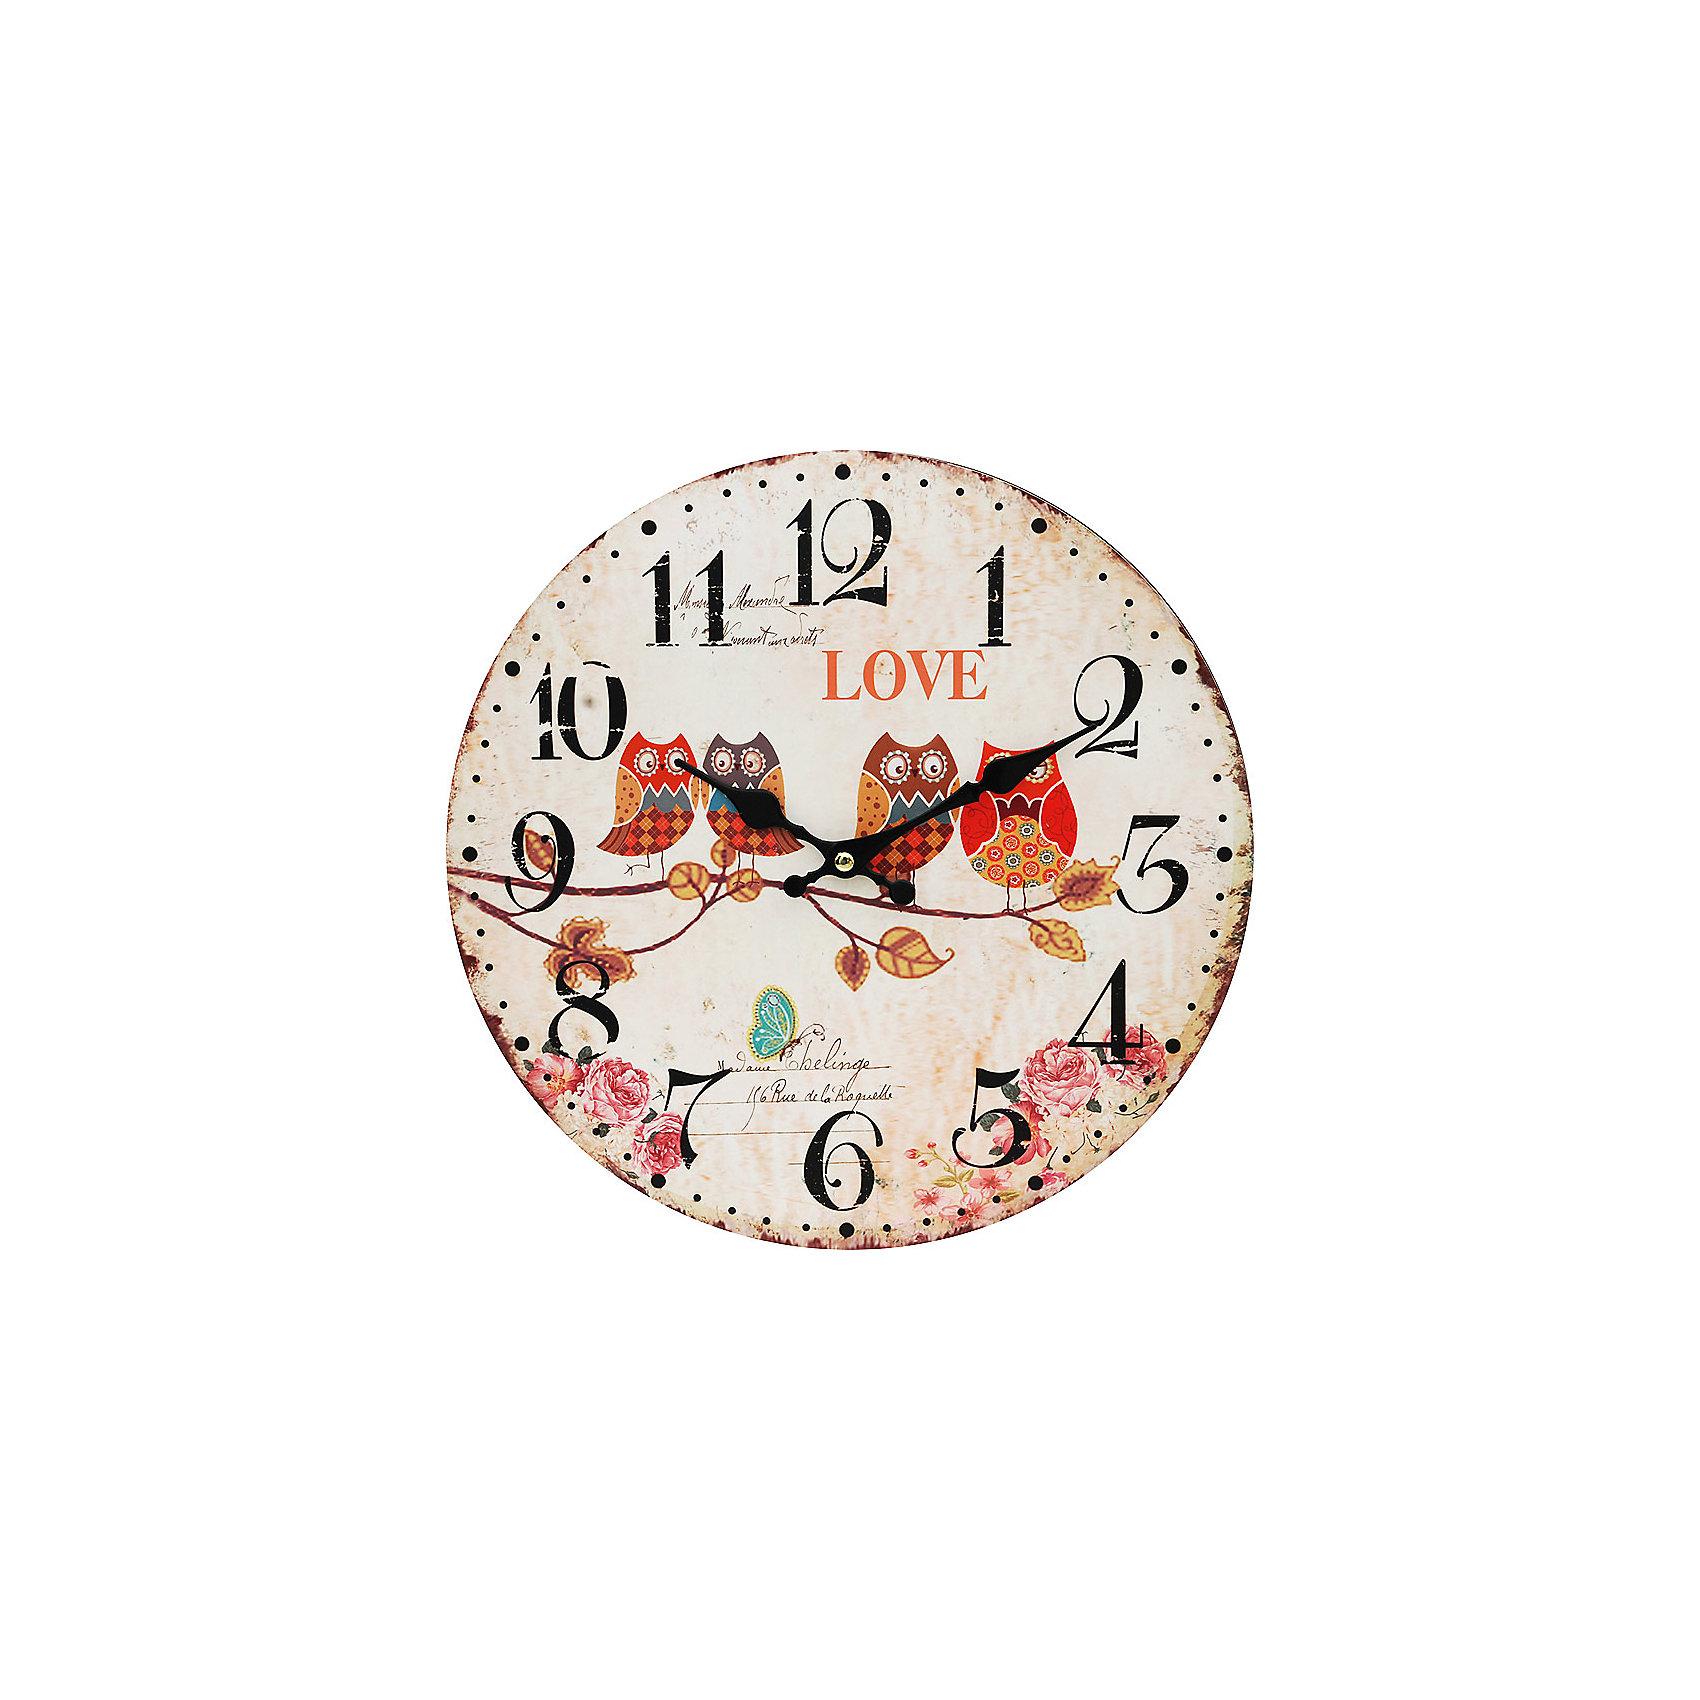 Часы настенные Совы на ветке, диаметр 34 смПредметы интерьера<br>Часы настенные Совы на ветке, диаметр 34 см.<br><br>Характеристики:<br><br>- Диаметр: 34 см.<br>- Две стрелки часовая и минутная<br>- Батарейка: 1 типа АА (в комплект не входит)<br>- Упаковка картонная коробка<br><br>Кварцевые настенные часы с механизмом плавного хода помимо своего прямого назначения – показывать точное время – станут важным элементом декора Вашего дома, квартиры или офиса. Открытый циферблат часов выполнен из листа оргалита с декоративным покрытием, оформлен изображением сов, сидящих на ветке. Часовая и минутная стрелки металлические. Часовой механизм закрыт пластиковым корпусом. Часы будут ярким акцентом в интерьере и создадут дополнительный уют и хорошее настроение.<br><br>Часы настенные Совы на ветке, диаметр 34 см можно купить в нашем интернет-магазине.<br><br>Ширина мм: 345<br>Глубина мм: 340<br>Высота мм: 45<br>Вес г: 2500<br>Возраст от месяцев: 72<br>Возраст до месяцев: 144<br>Пол: Унисекс<br>Возраст: Детский<br>SKU: 5089841